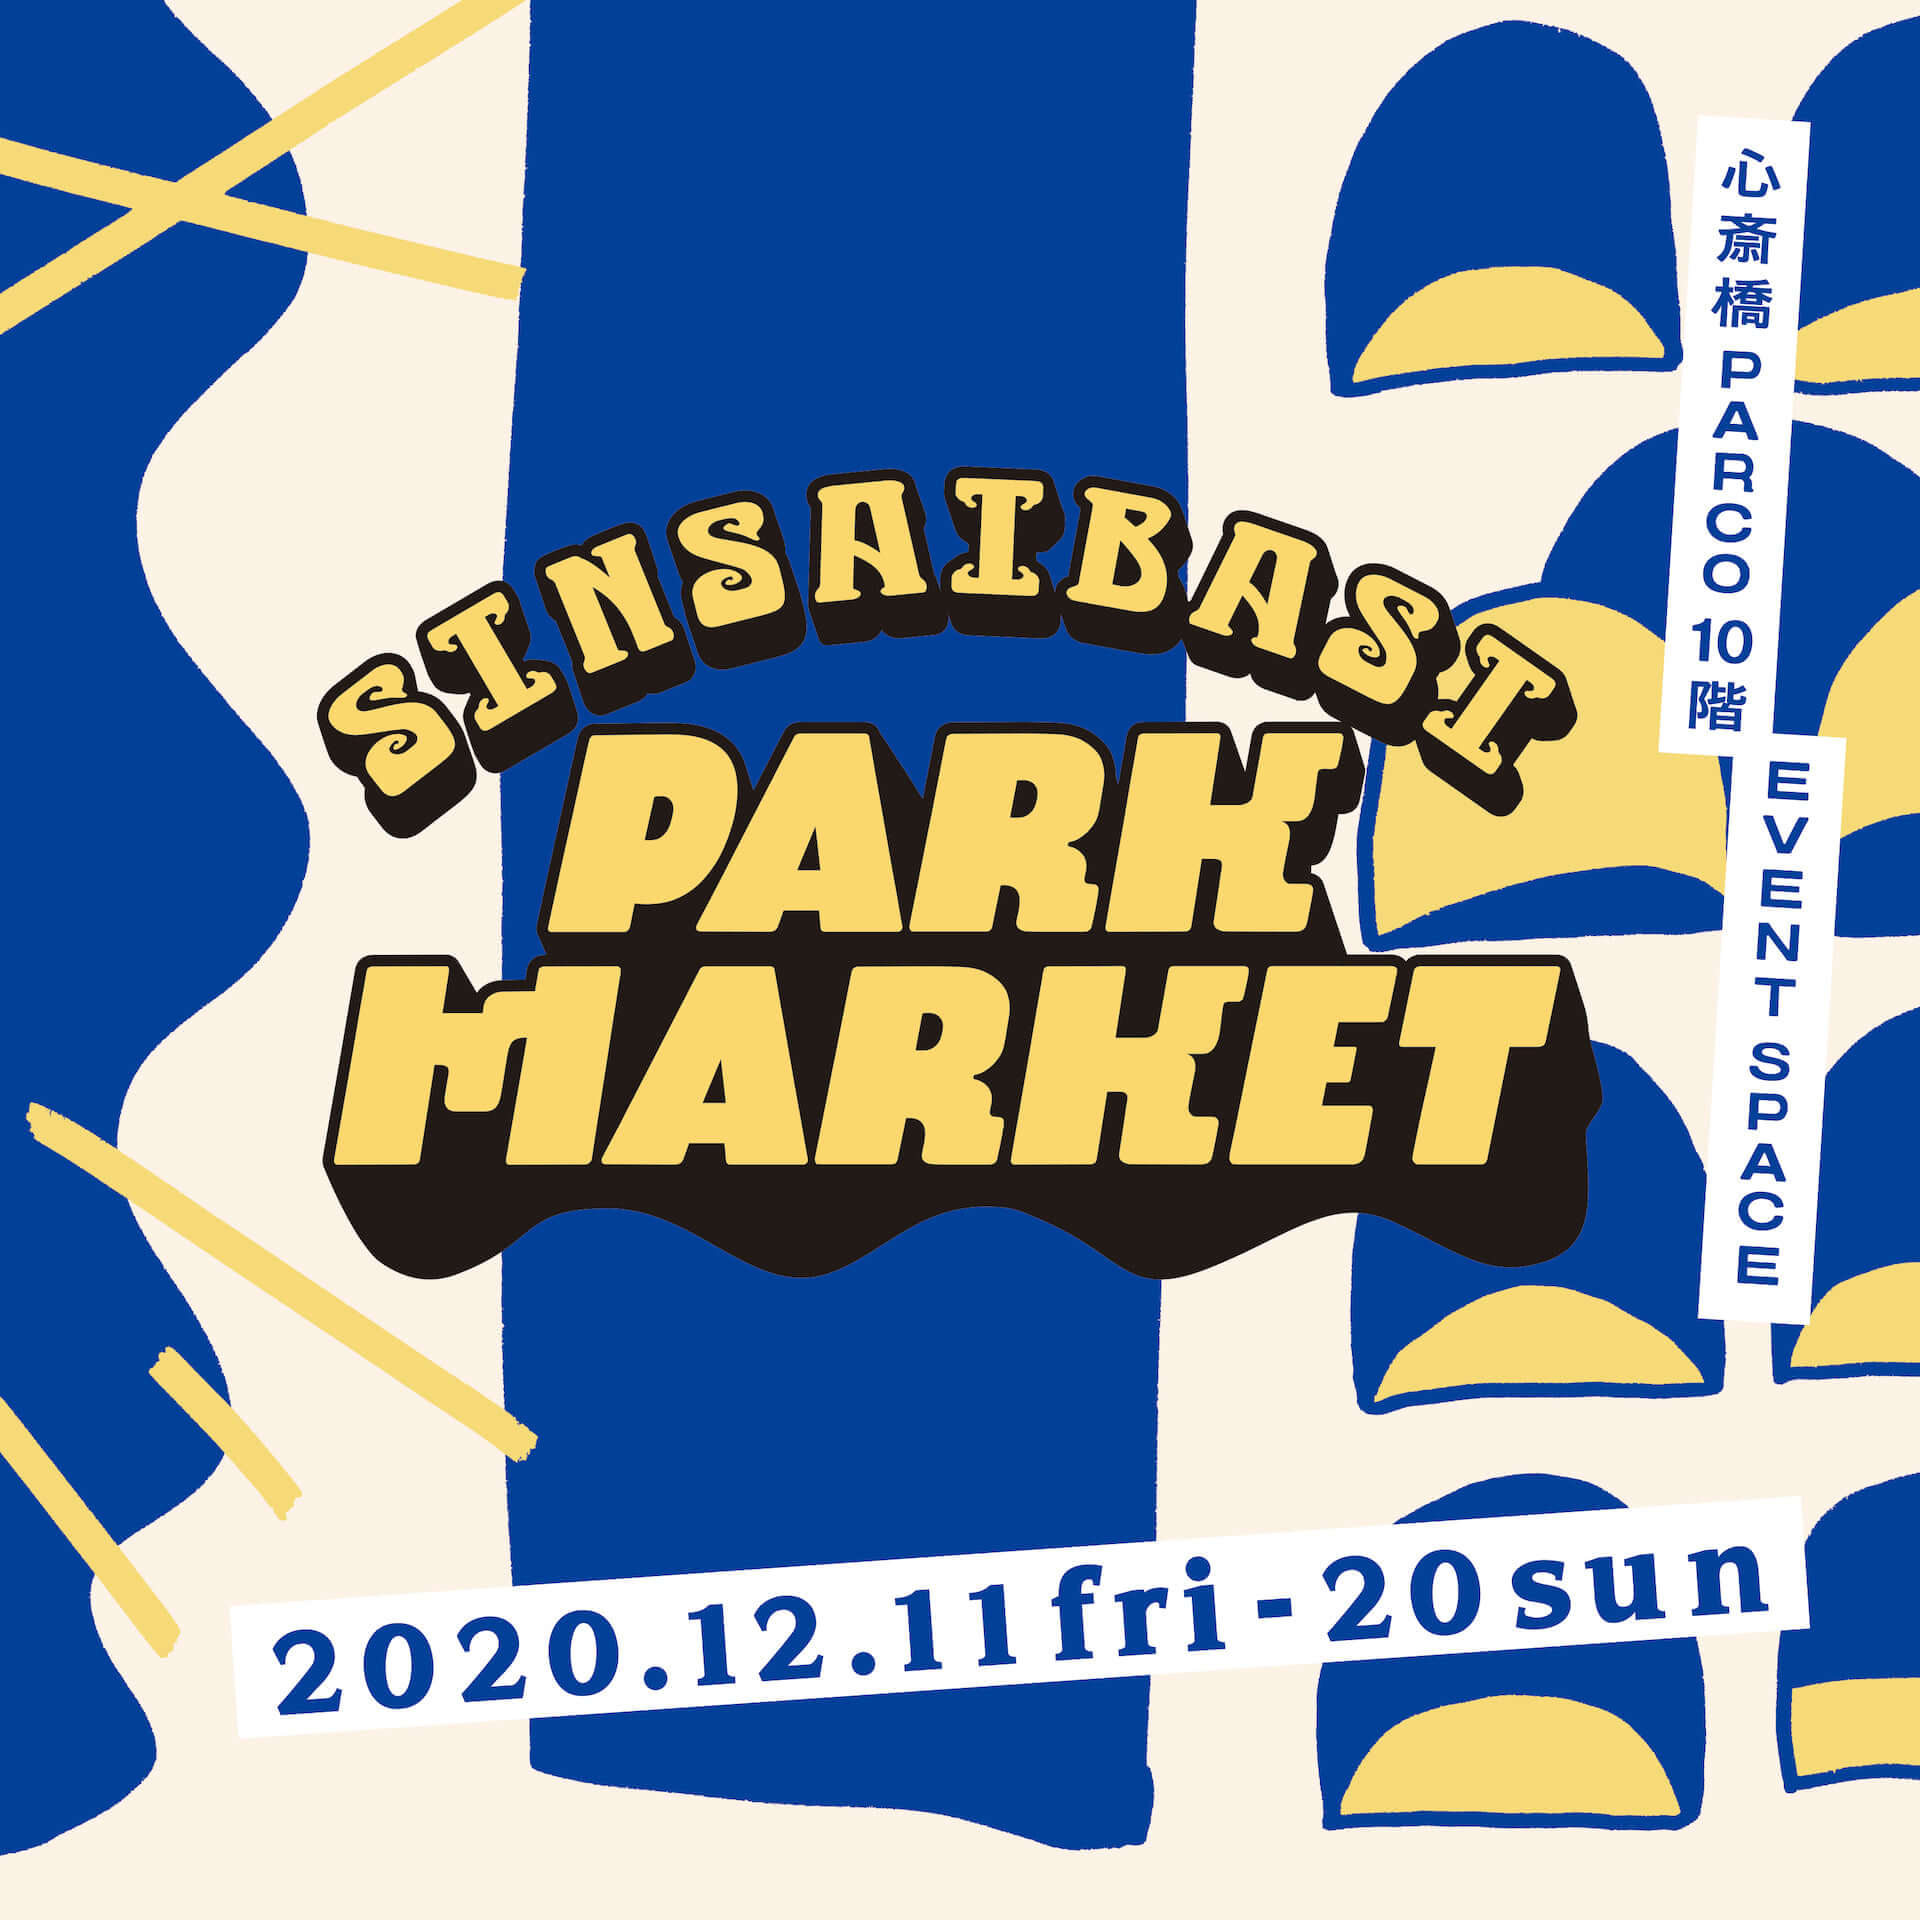 心斎橋PARCOにレコードやインテリア、キャンドルなど注目アイテムが集結!オープニング企画<SINSAIBASI PARK MARKET>の出店者を一挙紹介 art201201_shinsaibashi-park-market_1-1920x1920